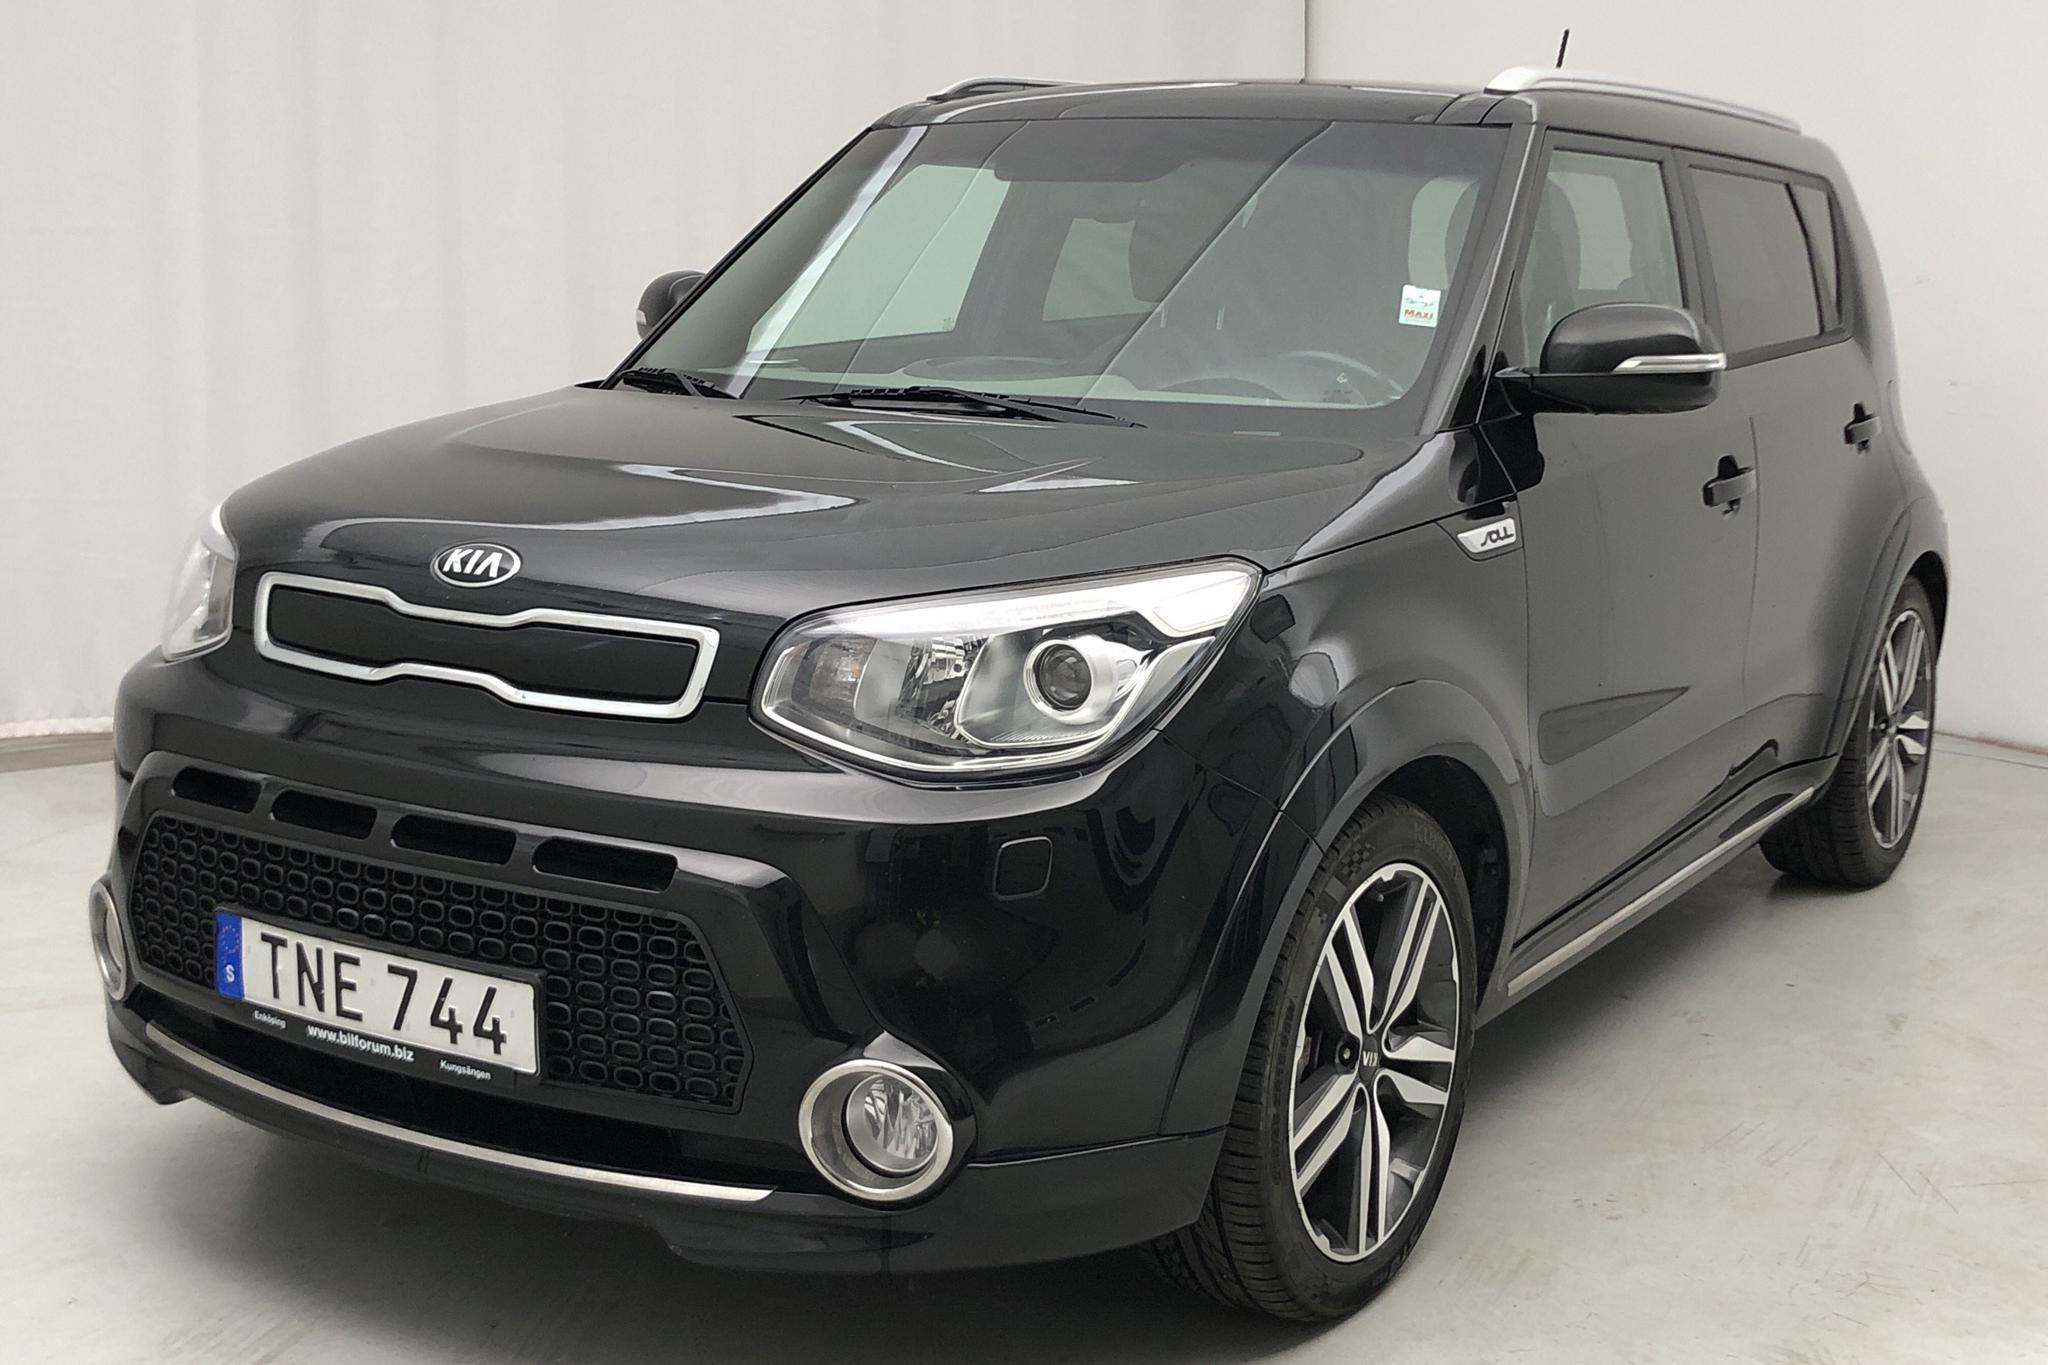 KIA Soul 1.6 (132hk) - 77 206 km - Automatic - black - 2015